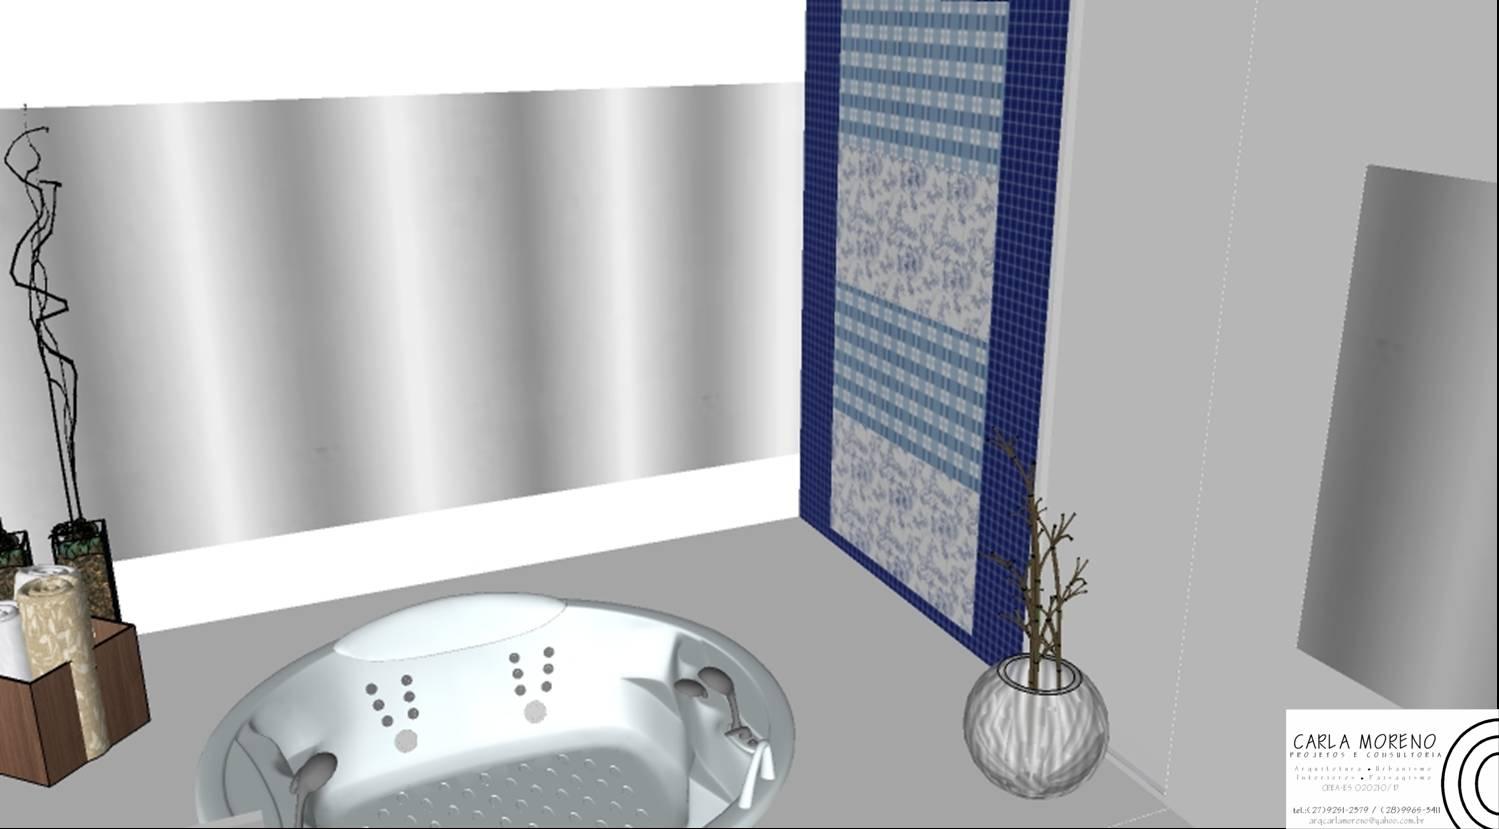 Banheira de hidromassagem redonda H12 da Astra recebe deck e  #262D5D 1499x829 Bancada Banheiro Astra